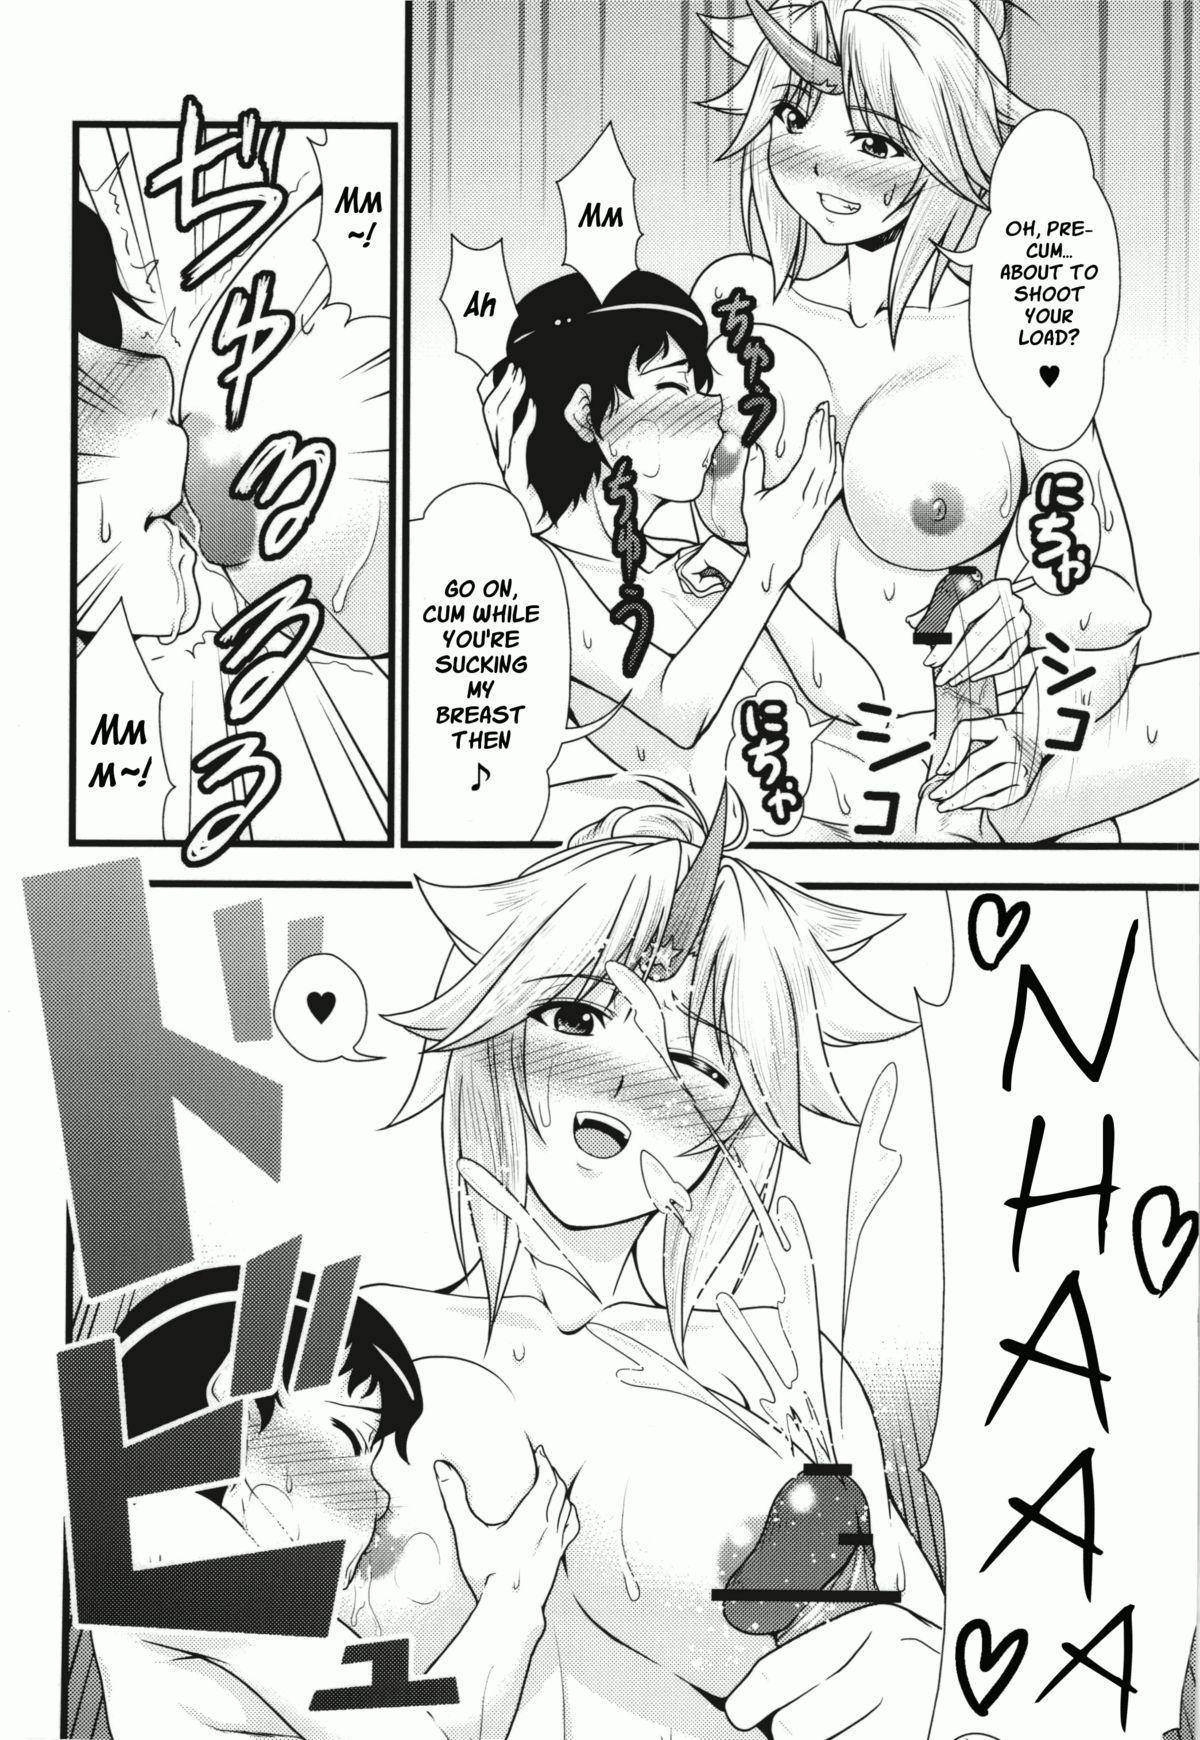 Yuugi to Shotakko ga Mata Zukkon Bakkon Suru Hon 9